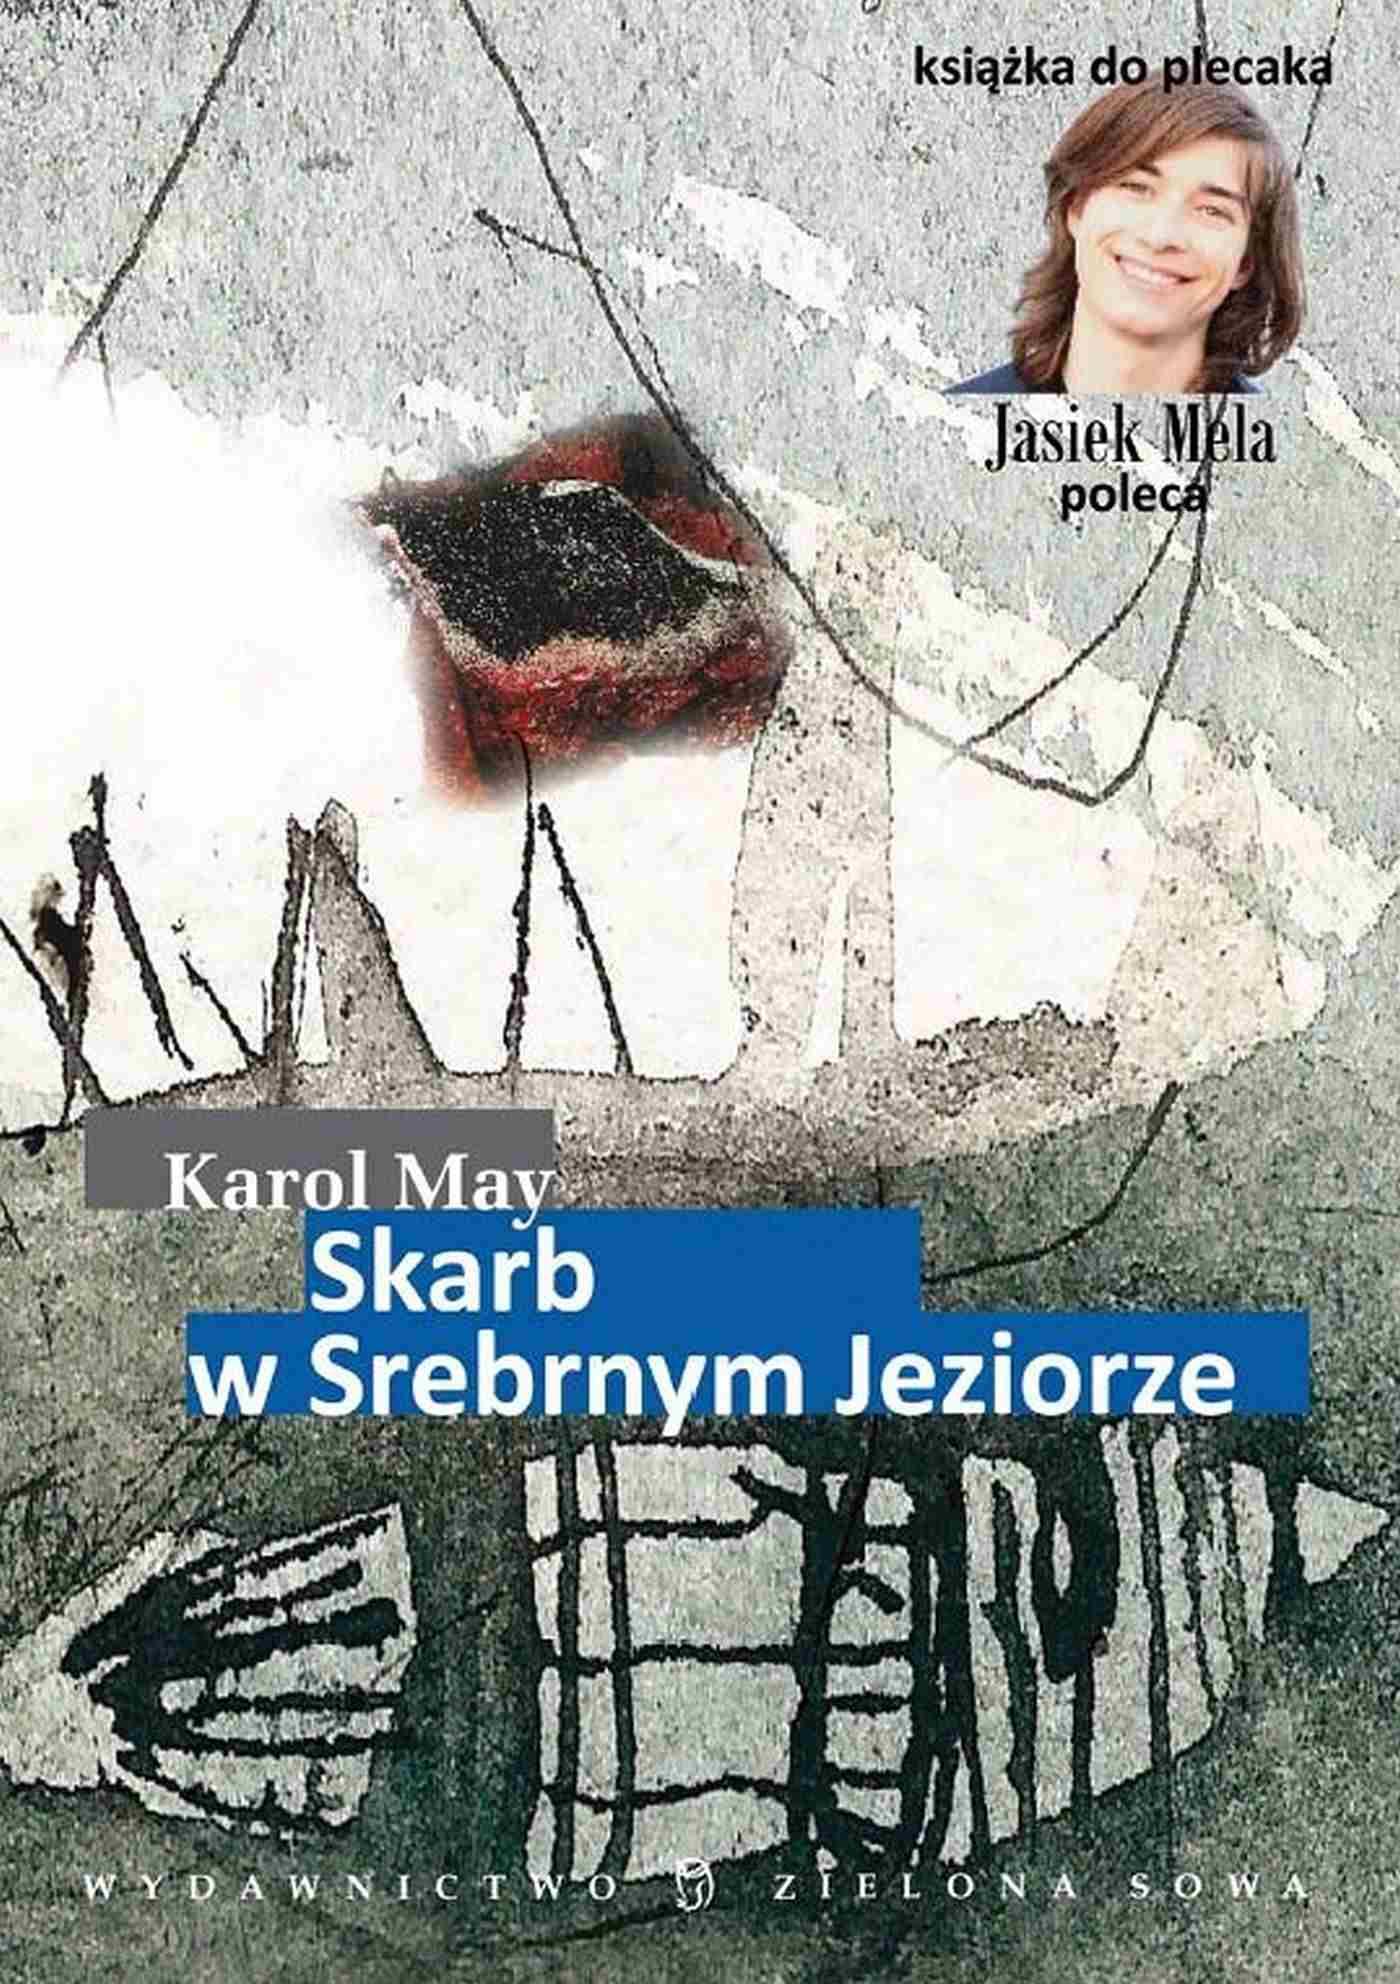 Skarb w Srebrnym Jeziorze - Ebook (Książka EPUB) do pobrania w formacie EPUB